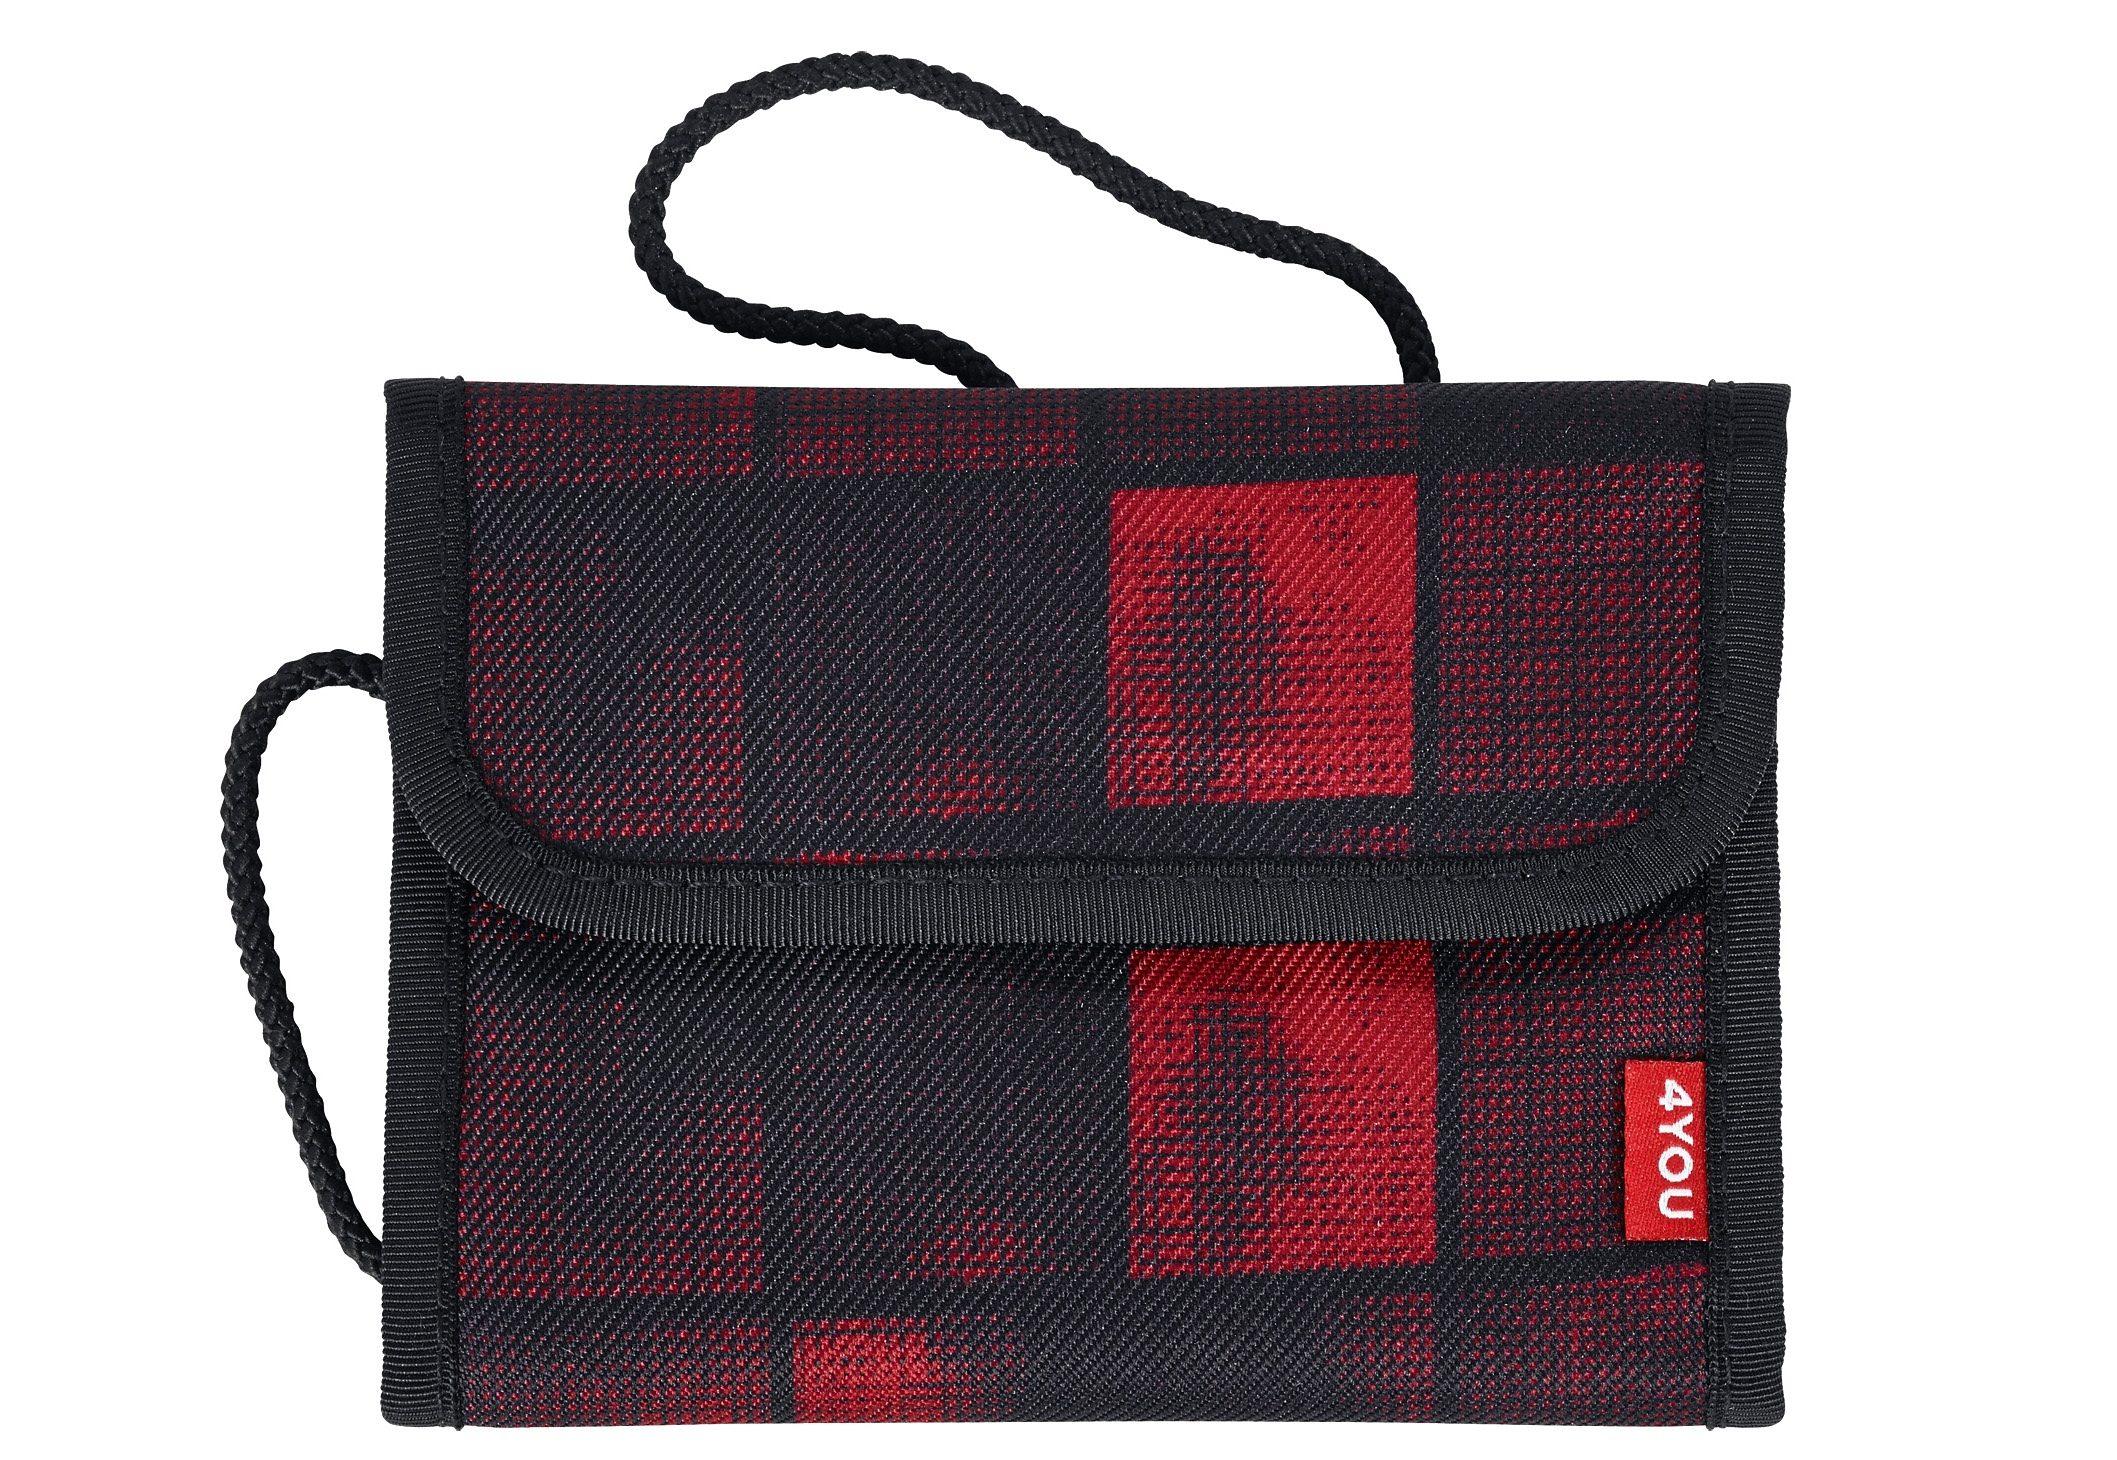 4YOU 2-in-1 - Geldbörse und Brustbeutel, Squares Red/Black, »Money Bag«